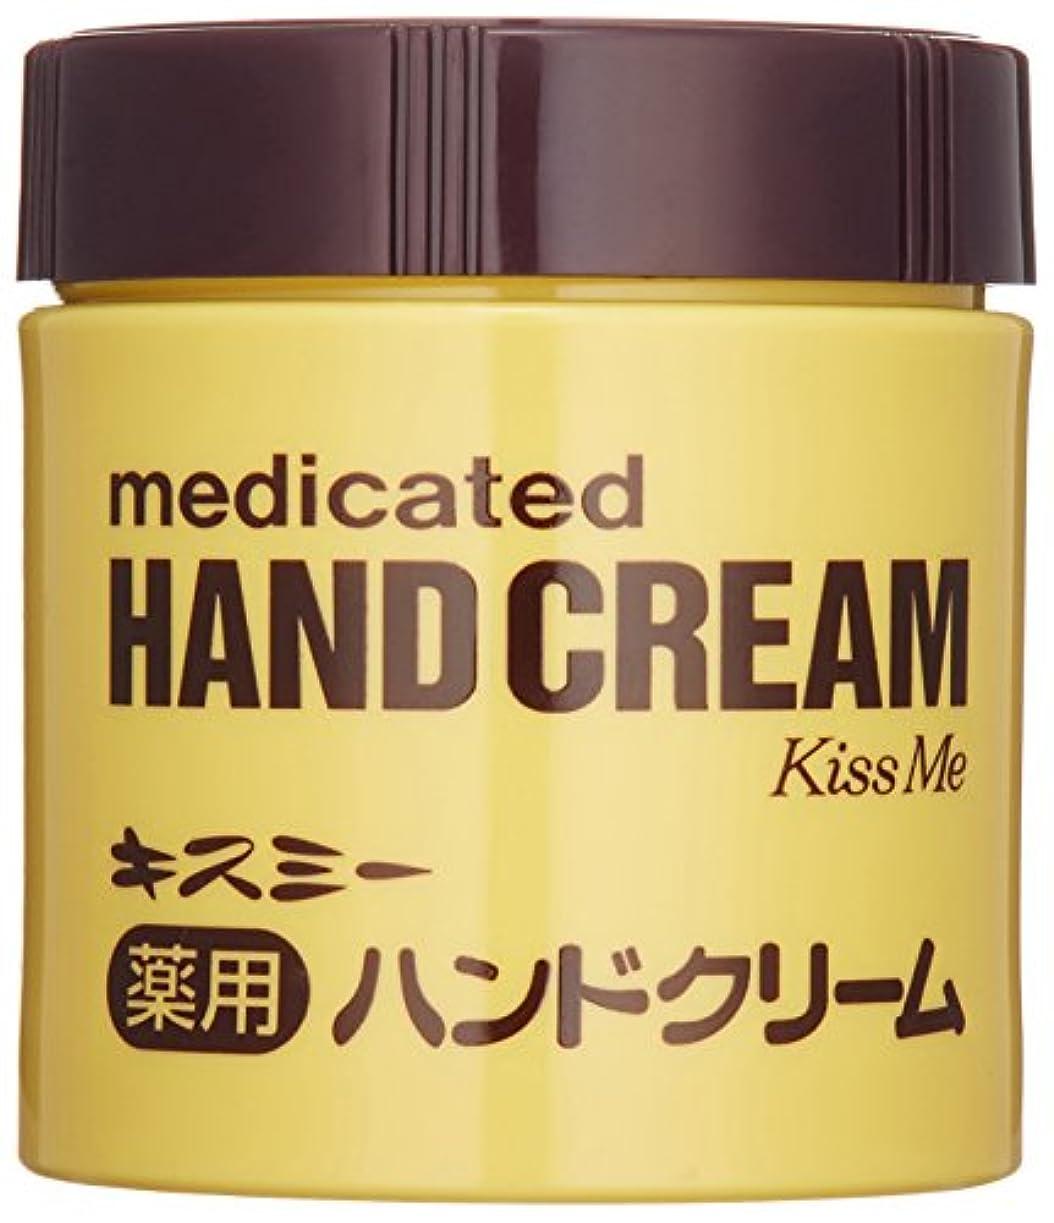 ゆり辛なびっくりキスミー薬用ハンドクリーム 75g ボトル